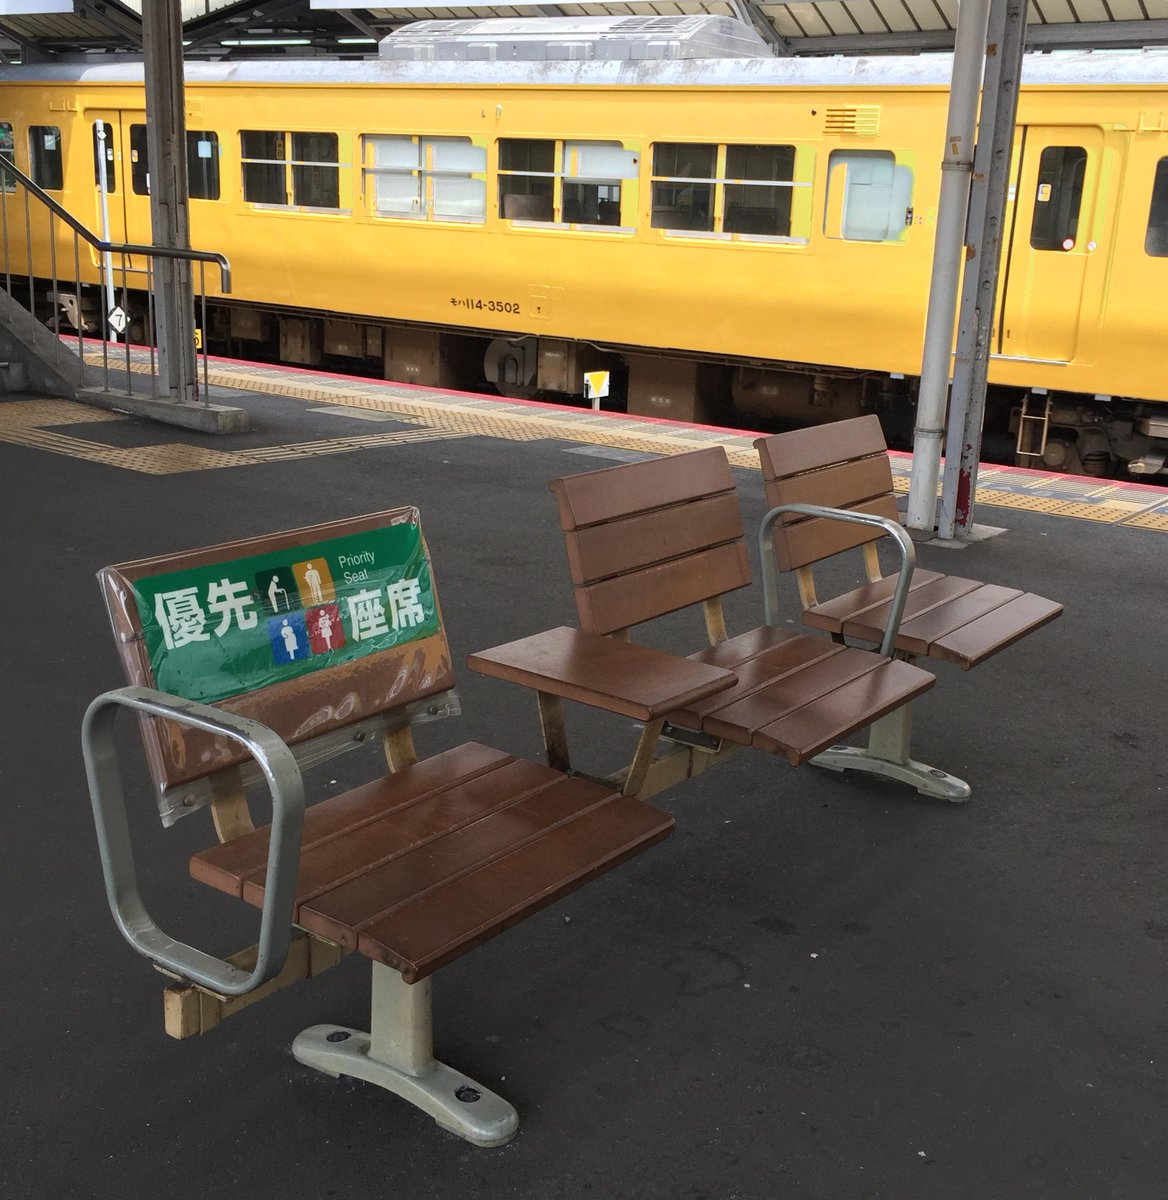 JR岡山駅在来線ホームのベンチが、線路に直角の向きに変わったのをご存じでしたか? 酔った客が立ち上がったとき、バランスを崩して線路に転落するのを防ぐためで、他駅でも順次変更していくそうです。http://t.co/gt0qUJLNvV http://t.co/dNG19kt6Gj